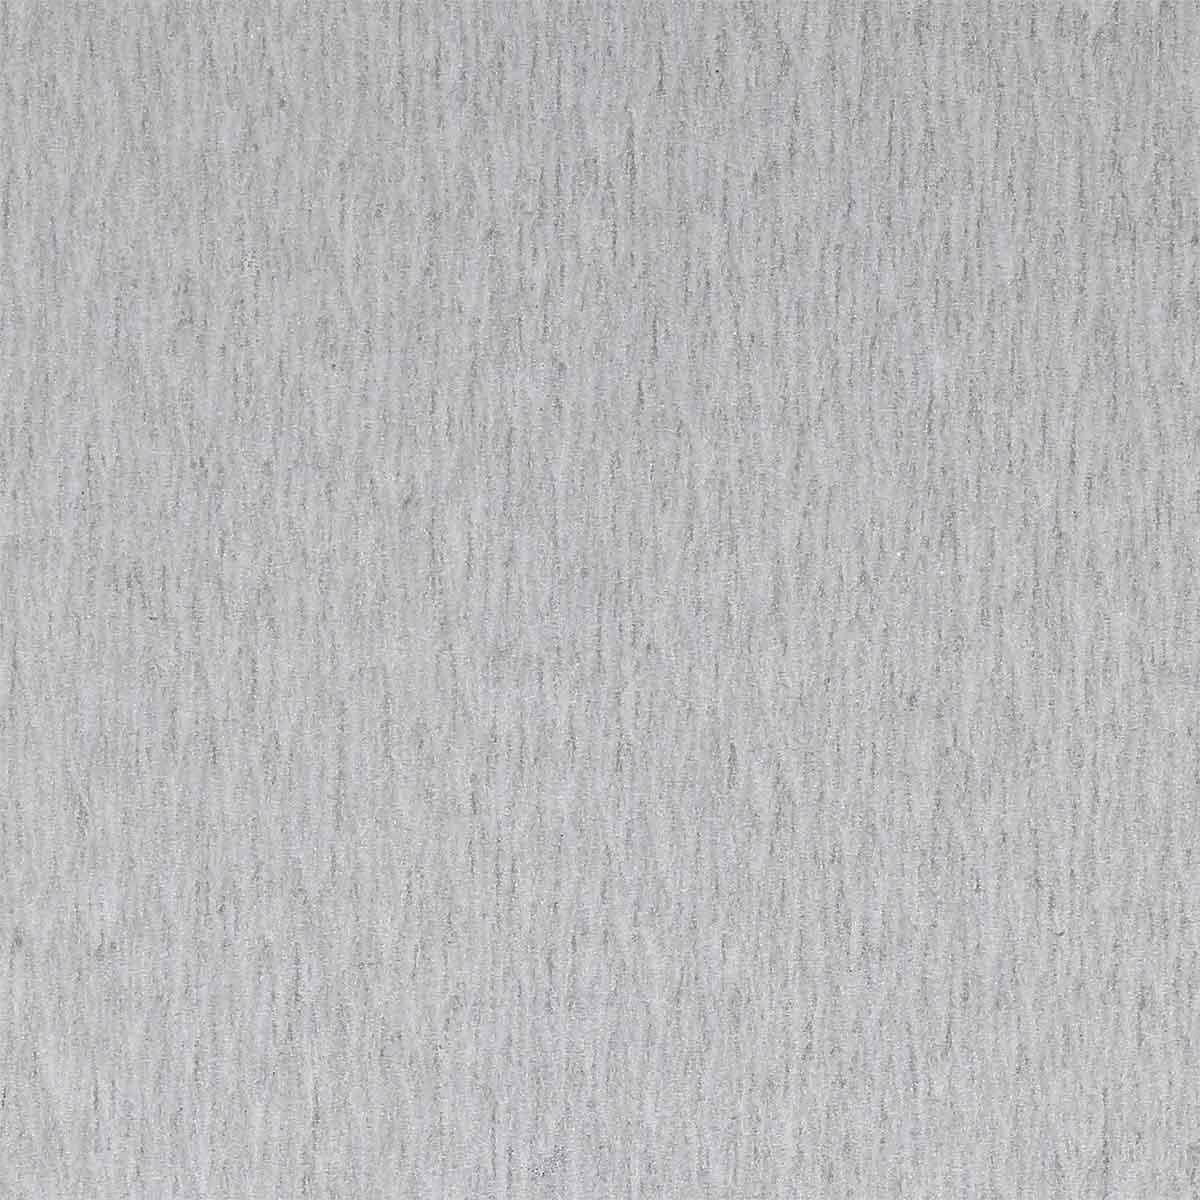 621360 Набор абразивной бумаги, 6шт/упак Glorex